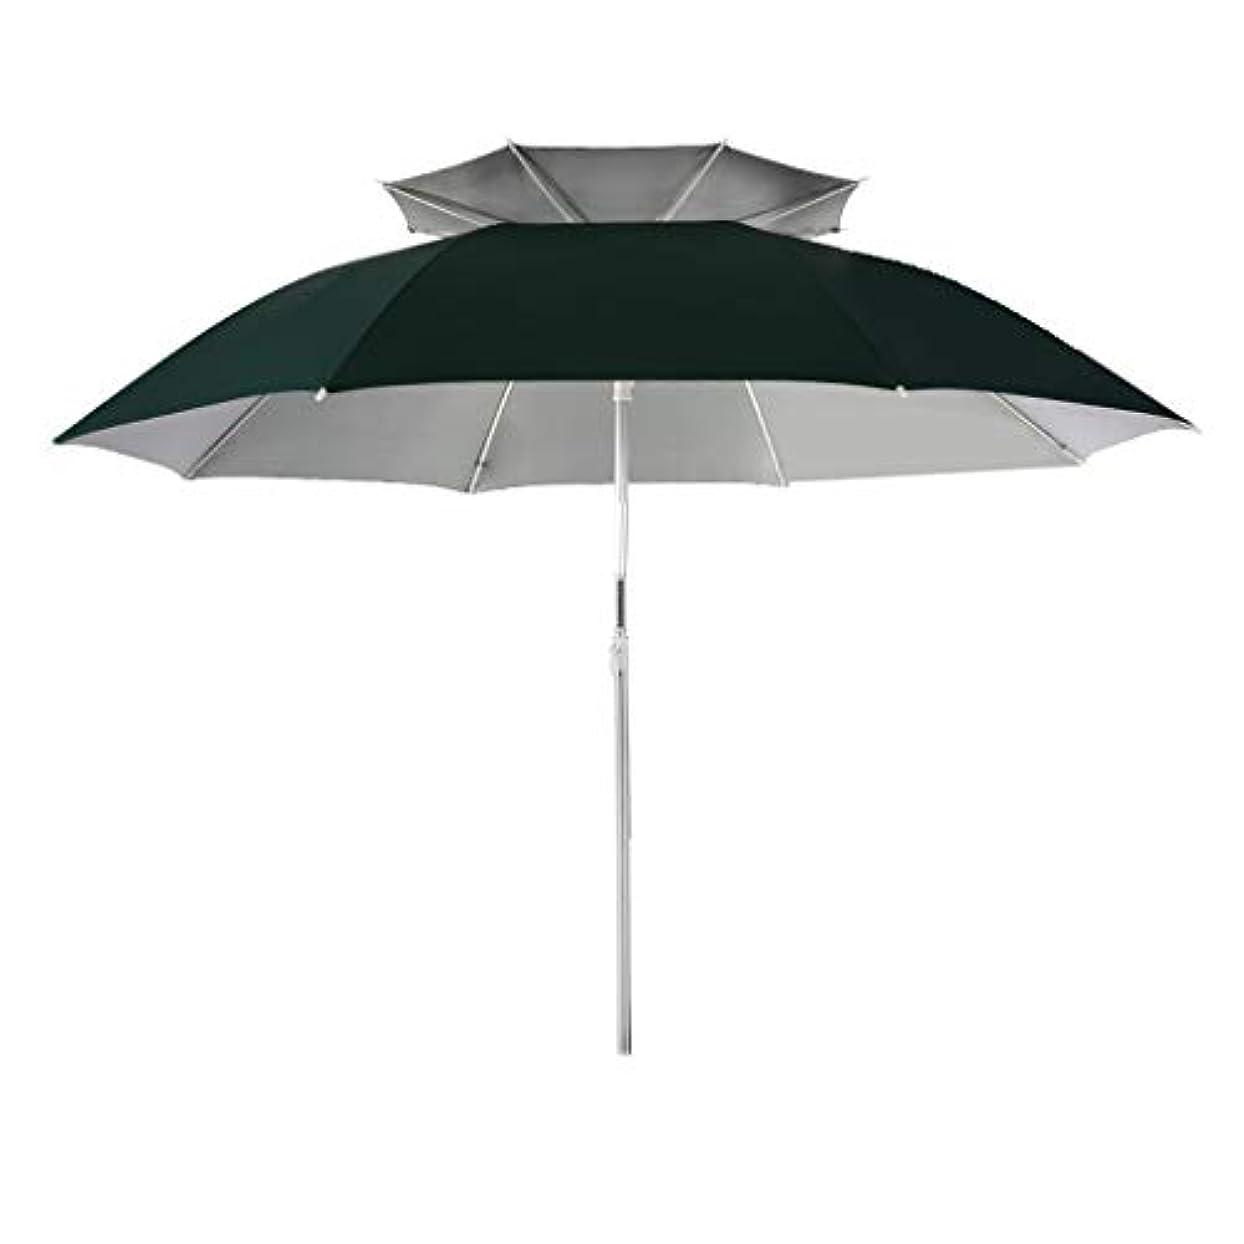 五コンサルタントグローブ太陽傘アルミ合金オックスフォード回転日焼け止め雨折りたたみ傘屋外サンシェード傘 (サイズ さいず : Diameter1.6m)